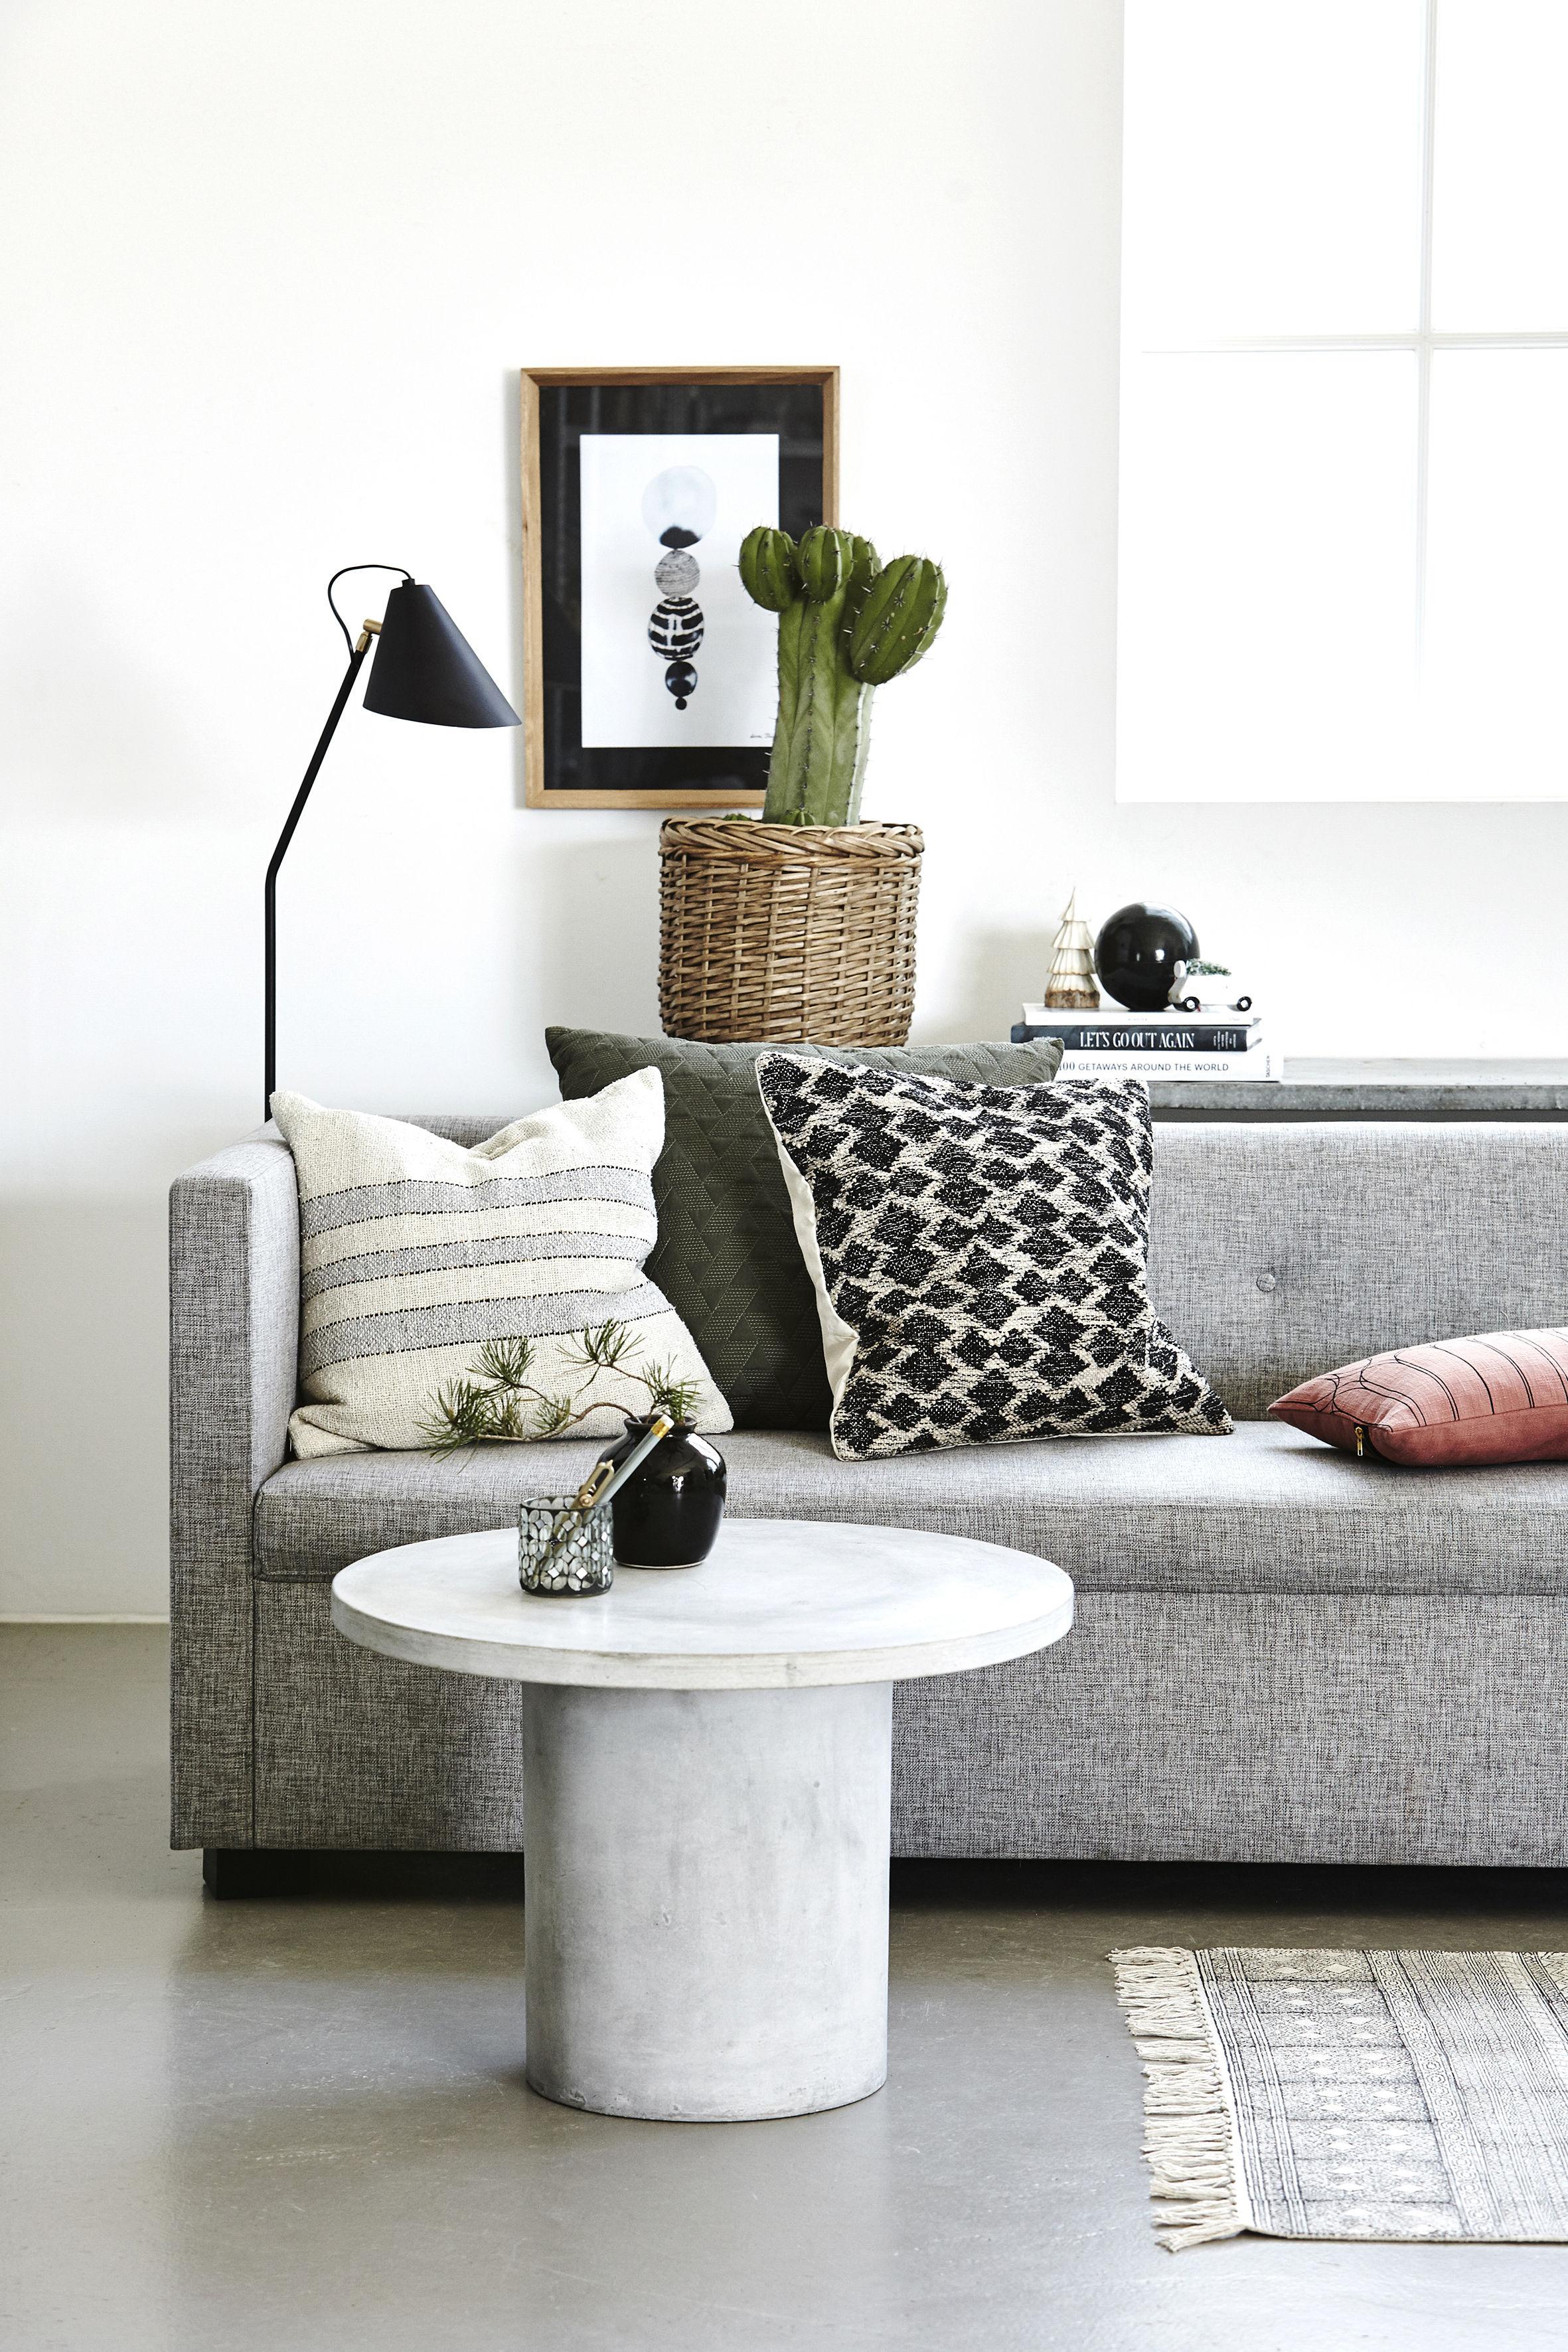 kissen sweep von house doctor beige streifen blau gold made in design. Black Bedroom Furniture Sets. Home Design Ideas